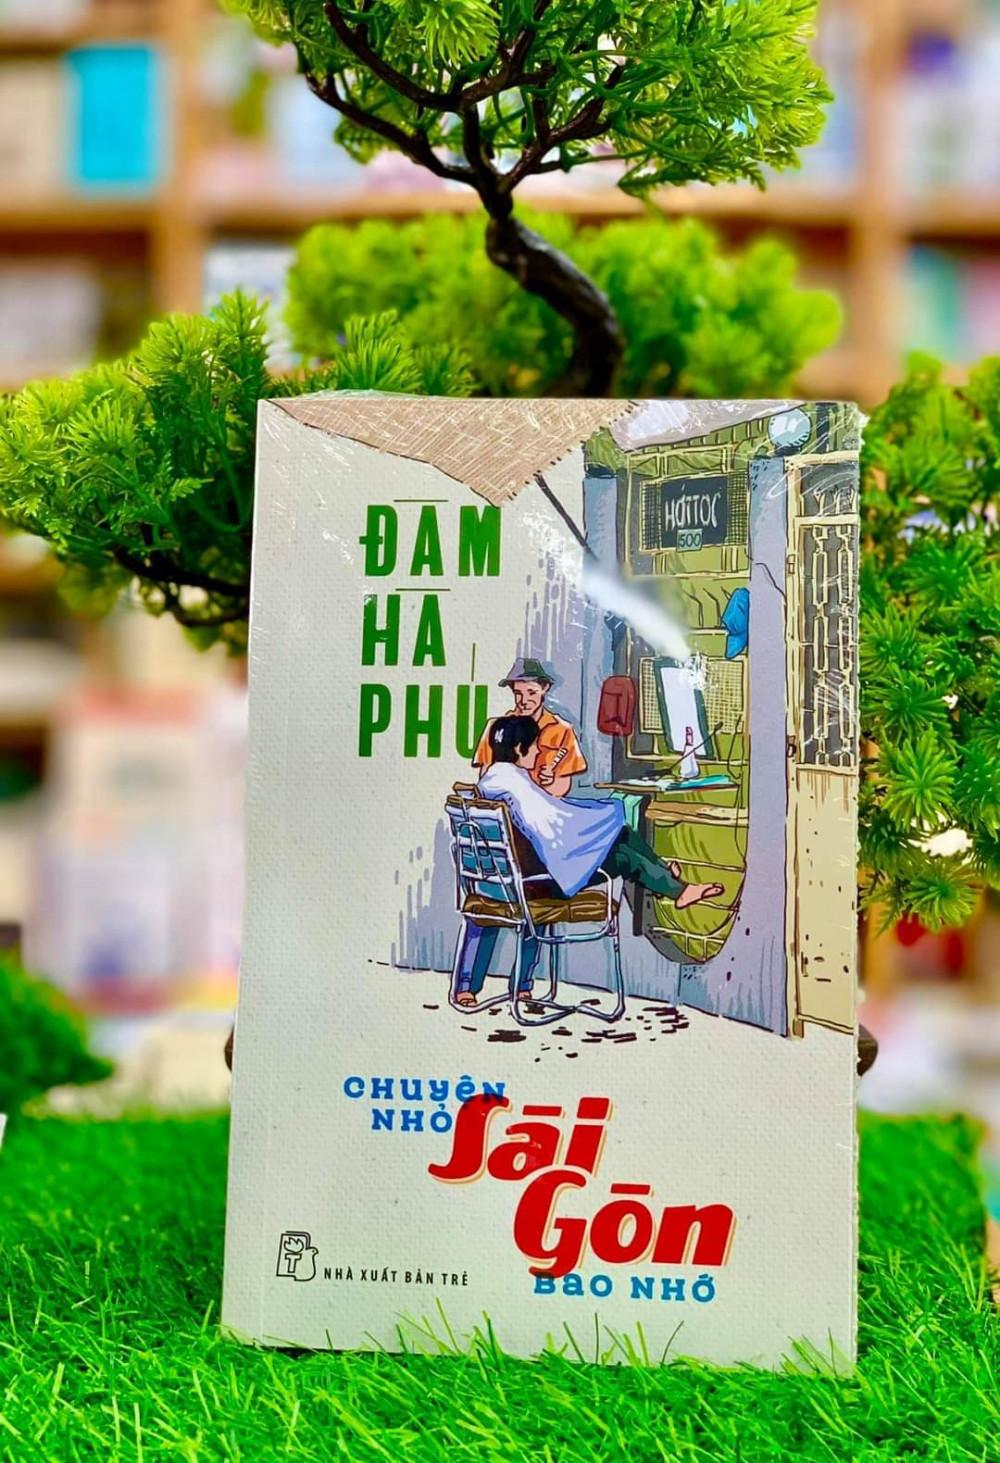 Tác phẩm viết về Sài Gòn luôn được yêu thích